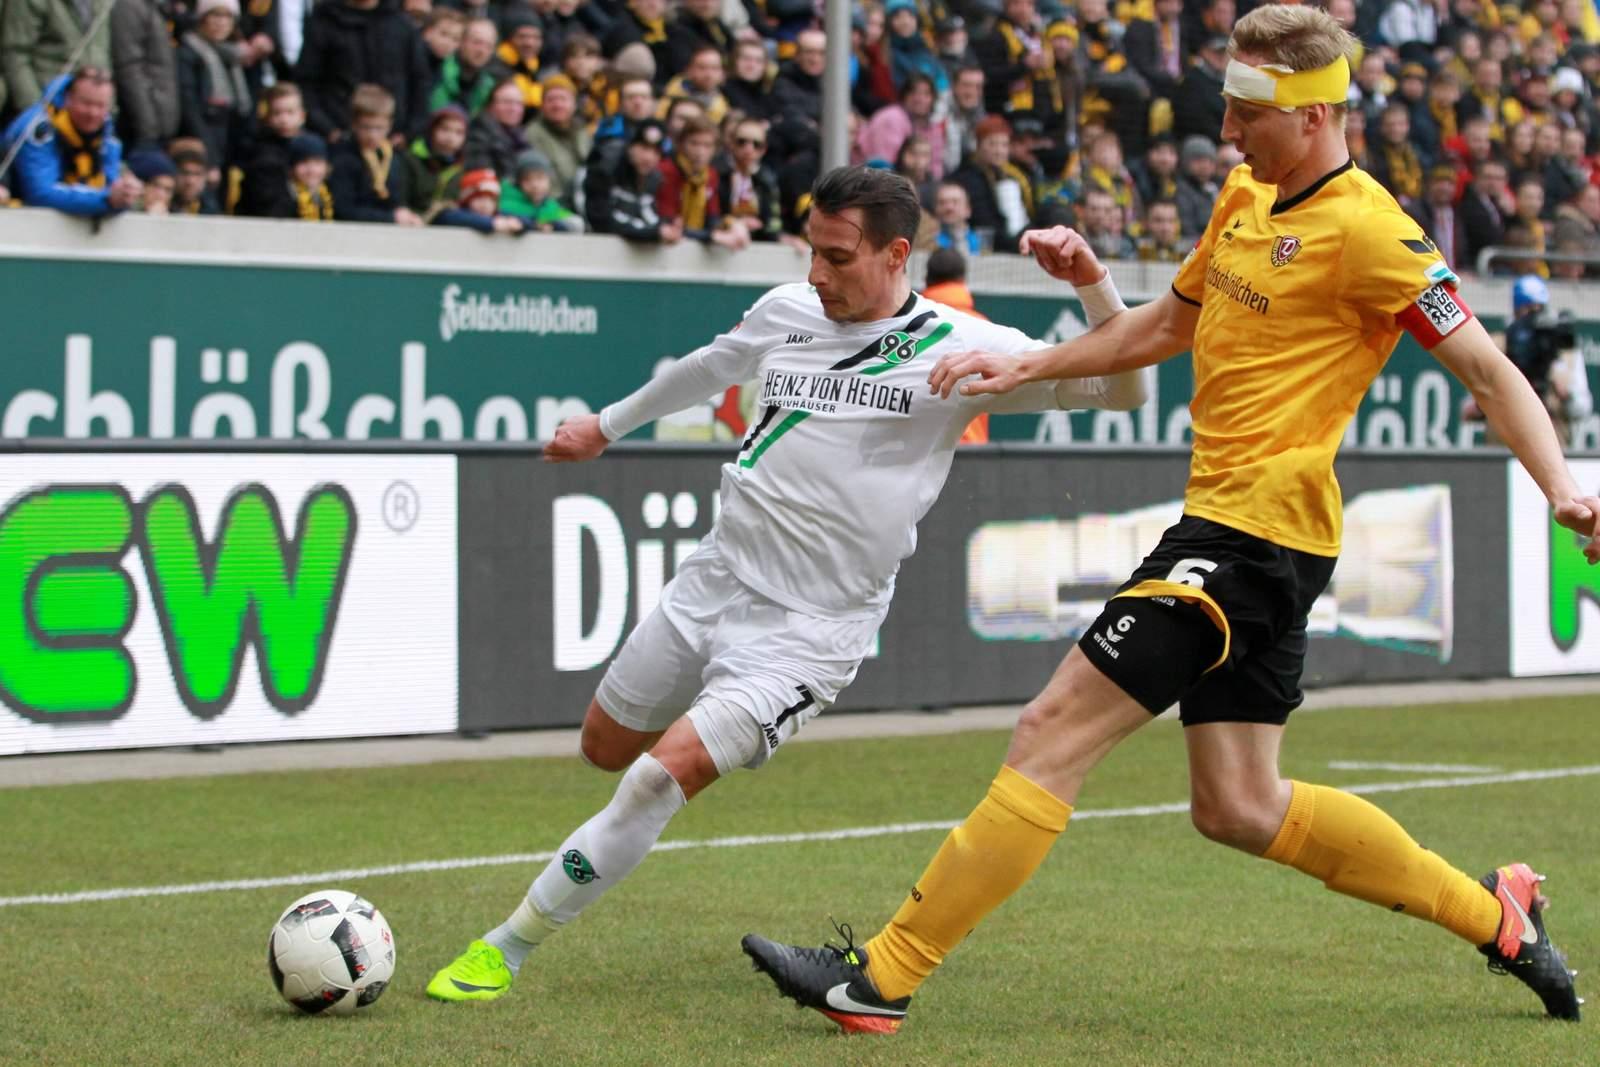 Edgar Prib von Hannover 96 gegen Dresdens Marco Hartmann